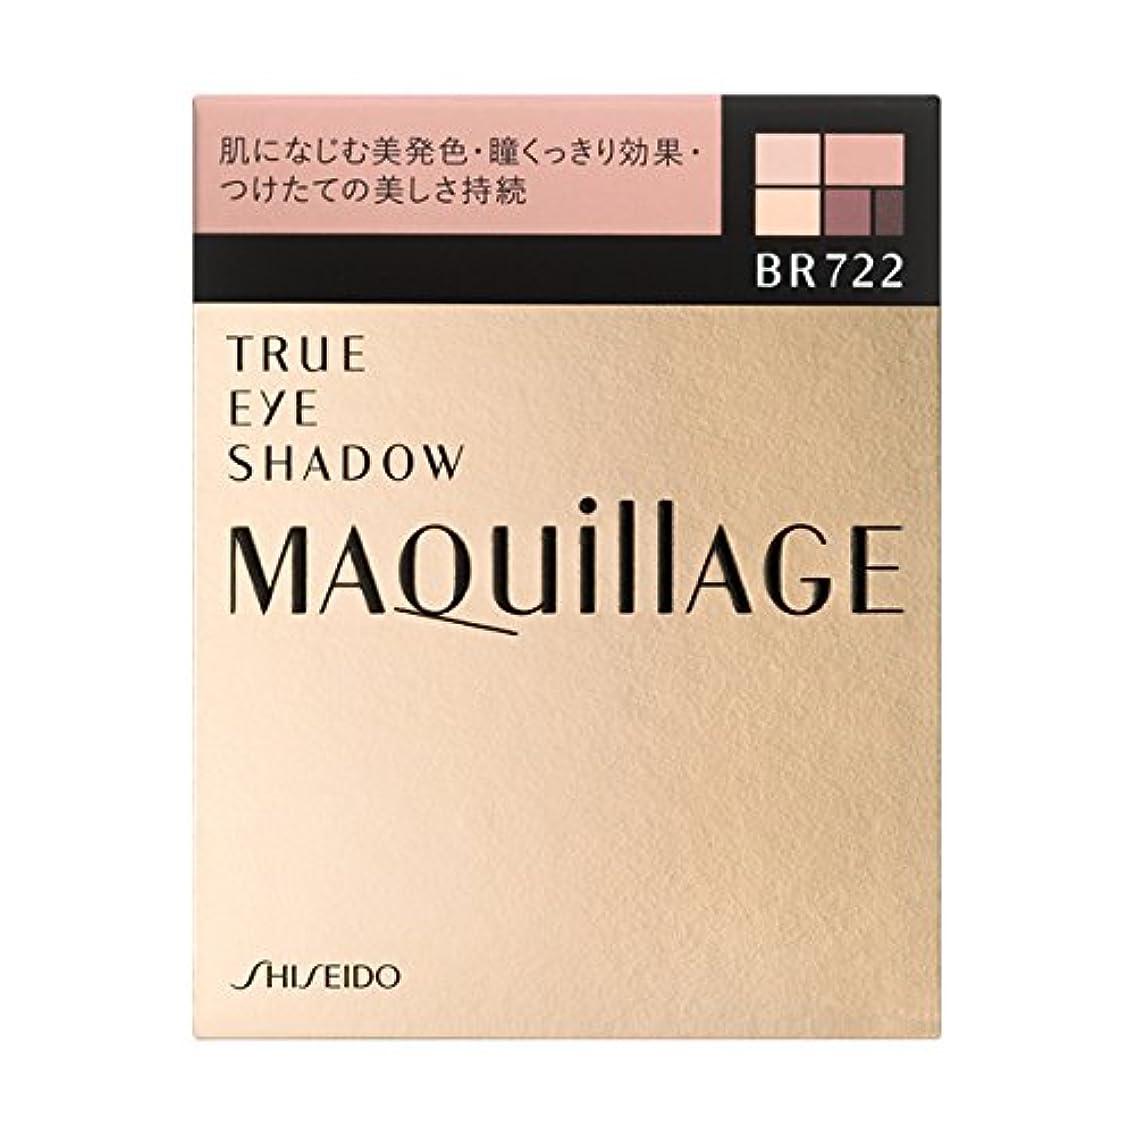 <2個セット>マキアージュ トゥルーアイシャドー BR722 本体 3.5g×2個